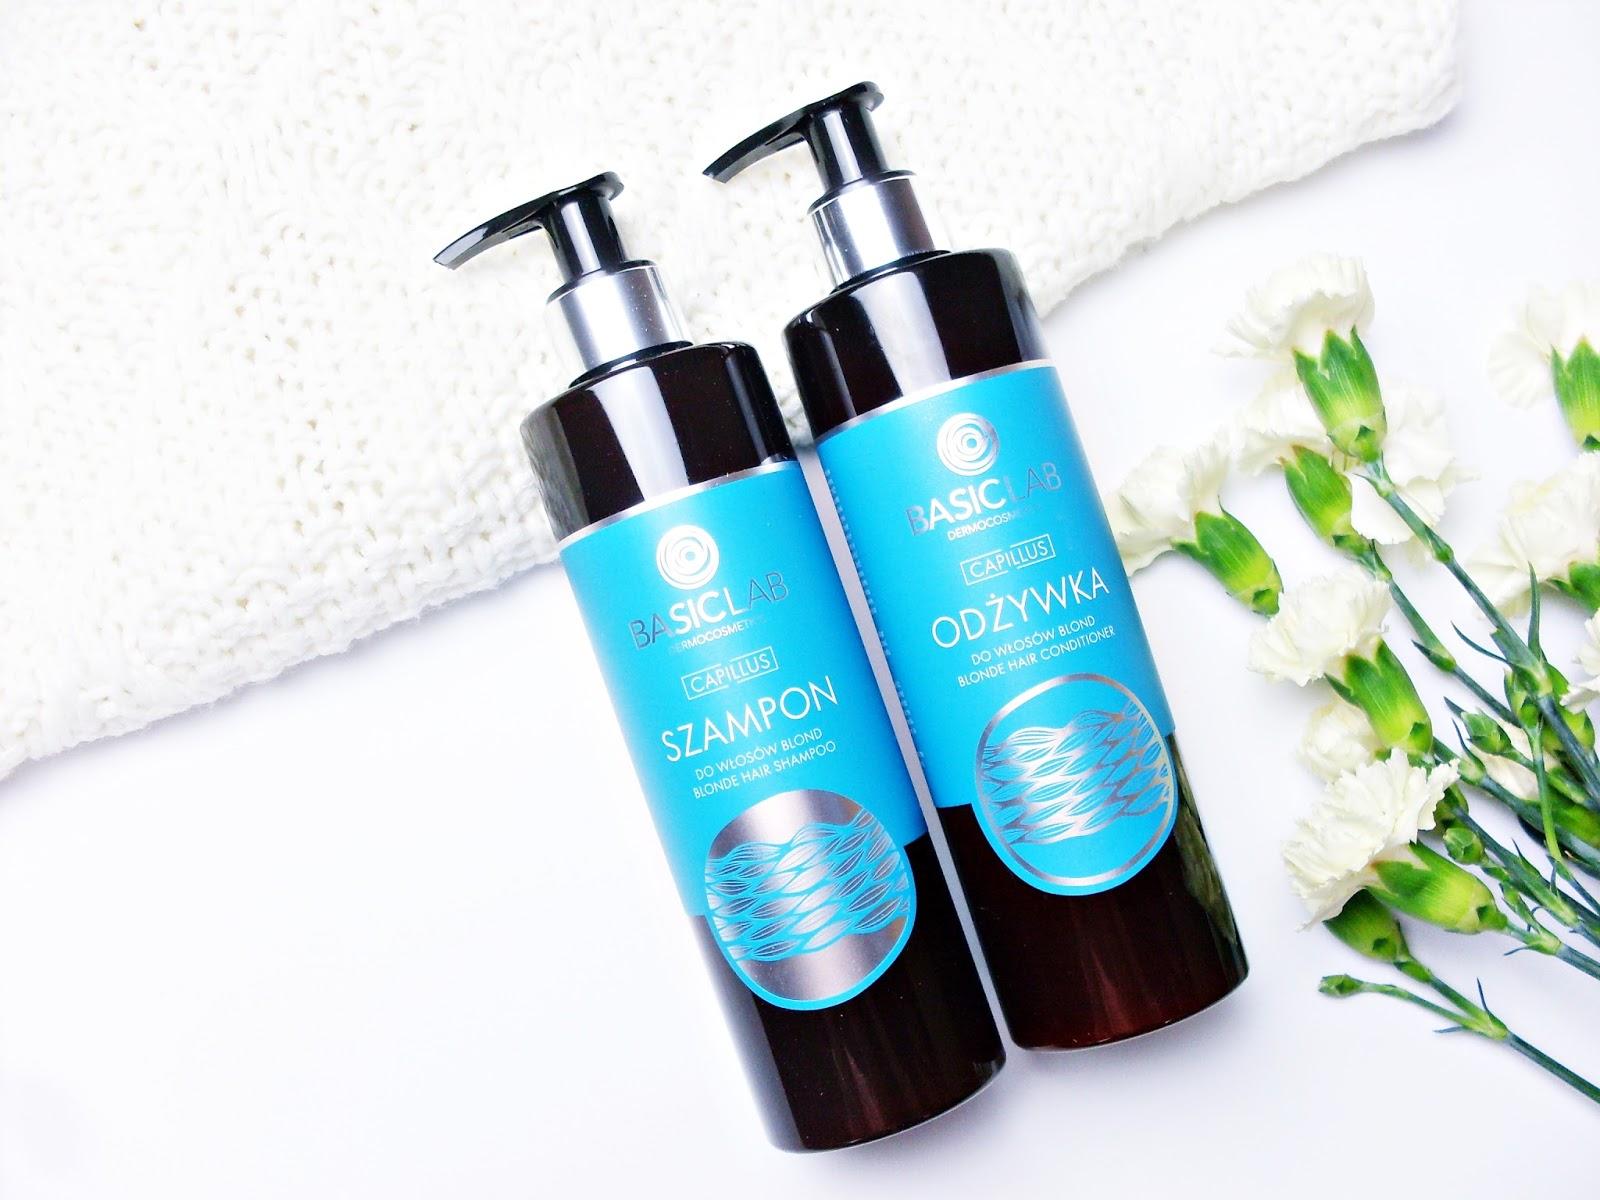 BasicLab Dermocosmetics | Kosmetyki, które uratowały moje włosy